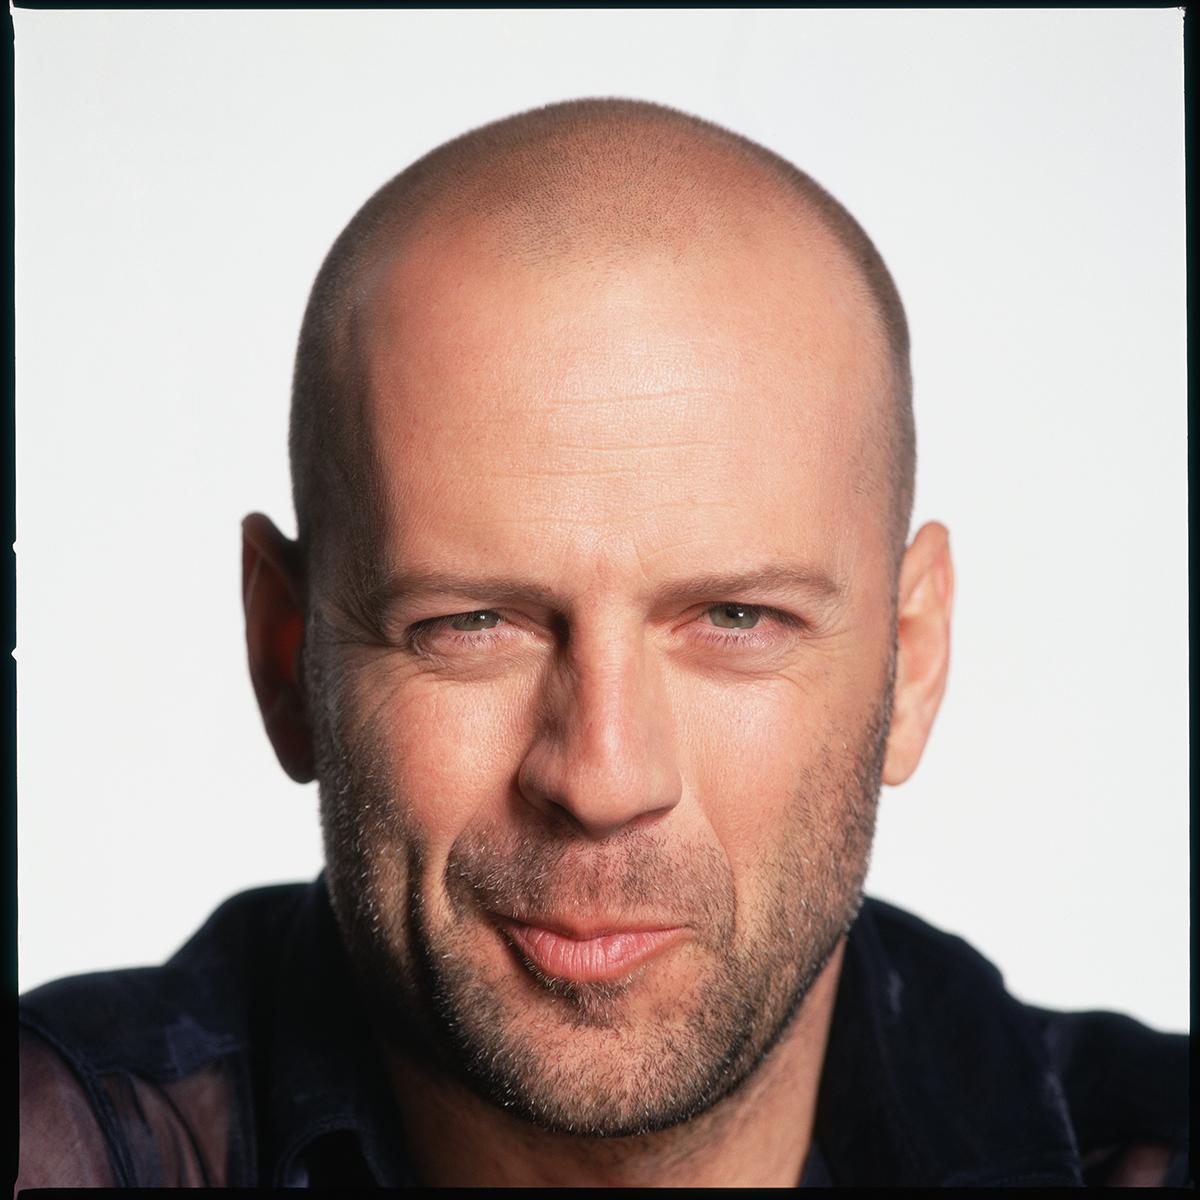 """Quando estrelou os mais populares filmes de ação, como """"Duro de Matar"""", Bruce Willis já havia superado esse problema. Embora, nos filmes, ele precisasse se expressar mais na porrada, mesmo..."""